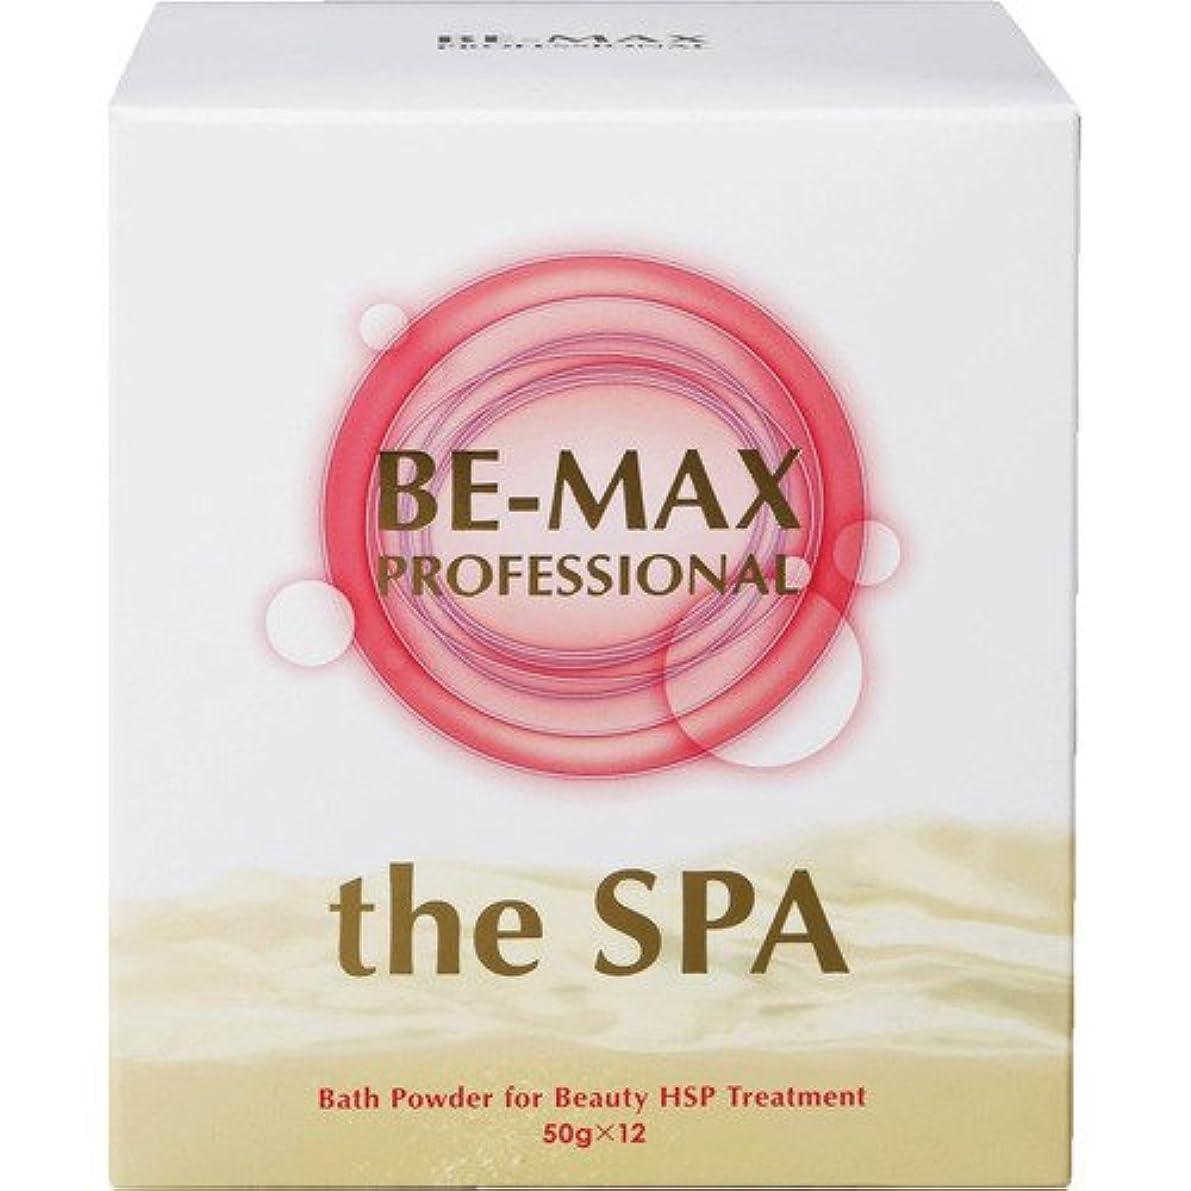 微生物机倒産BE-MAX the SPA 入浴剤 柑橘系ハーブ精油がふわりと香る微炭酸湯